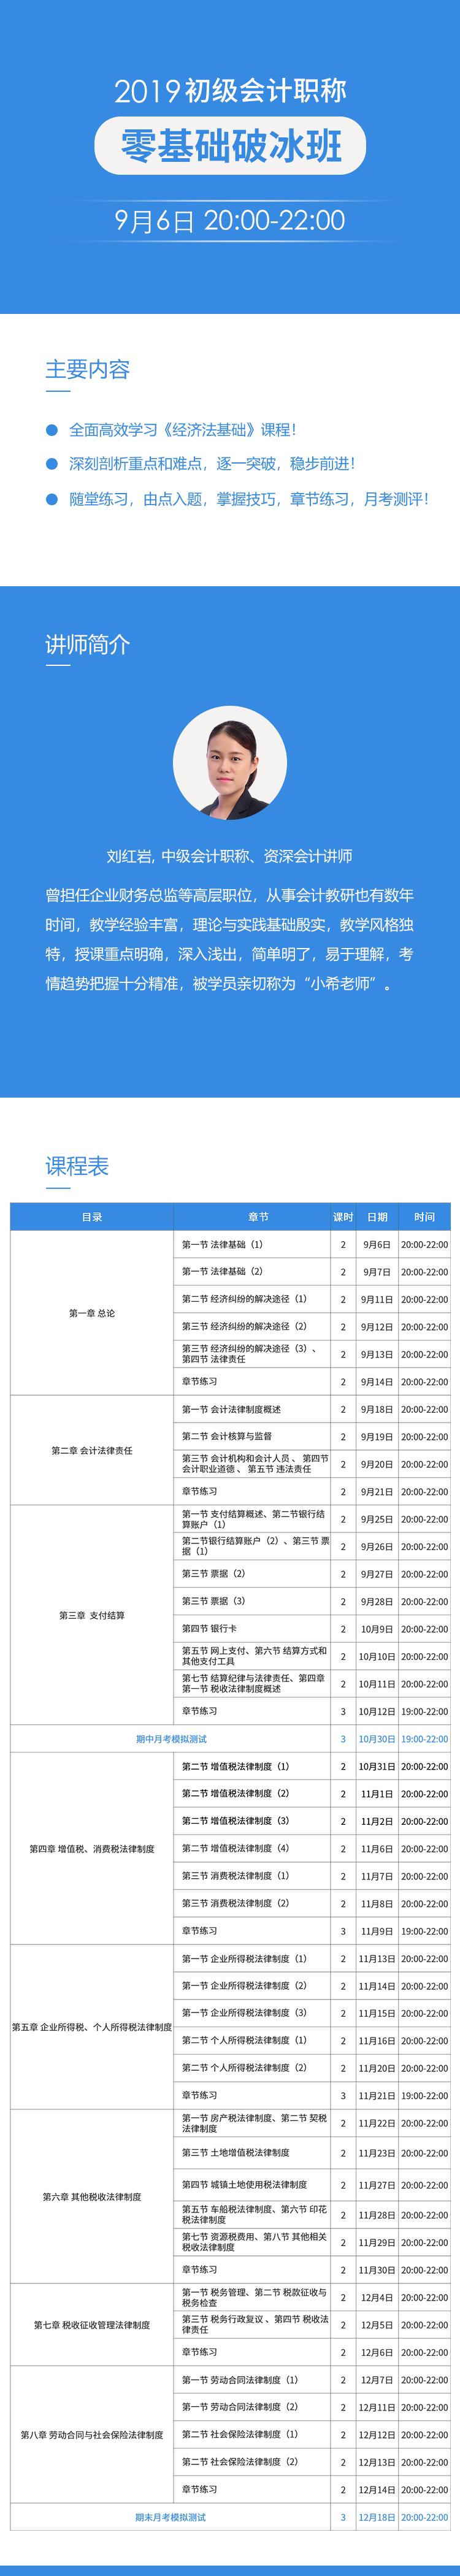 0828刘红岩长图2.png